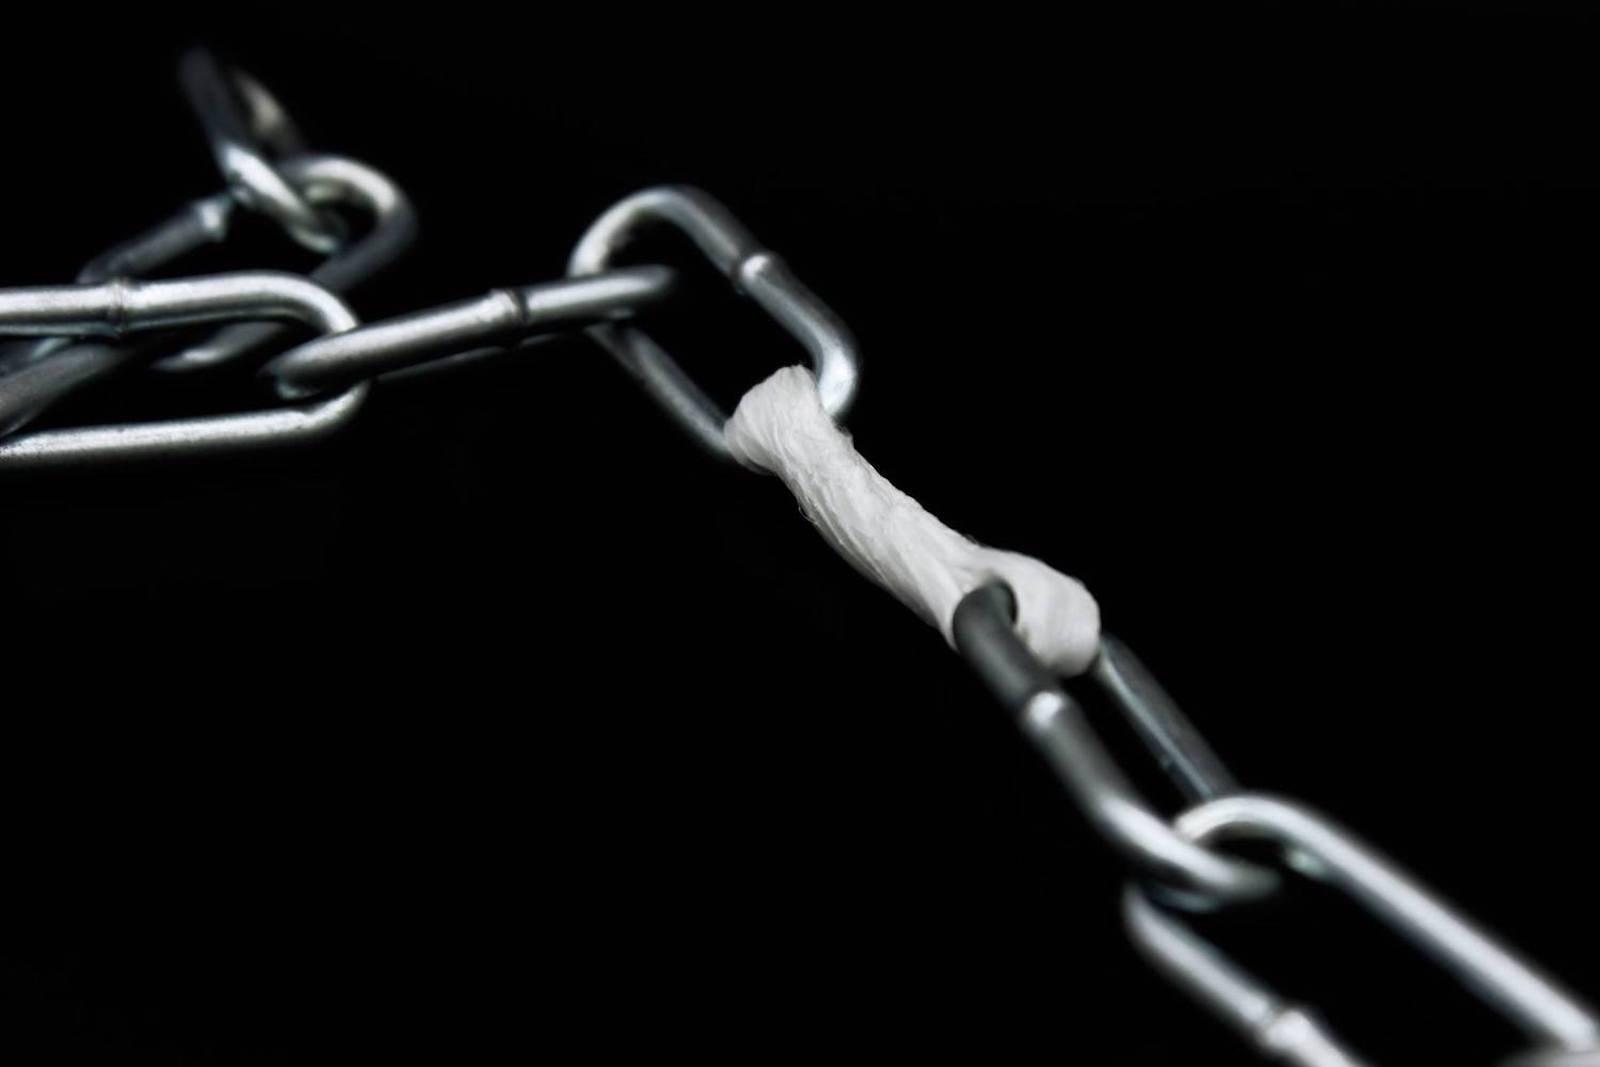 Reparierte Kette: Das Plastikband lässt sich erwärmen, formen und ist danach hart wie Stahl.